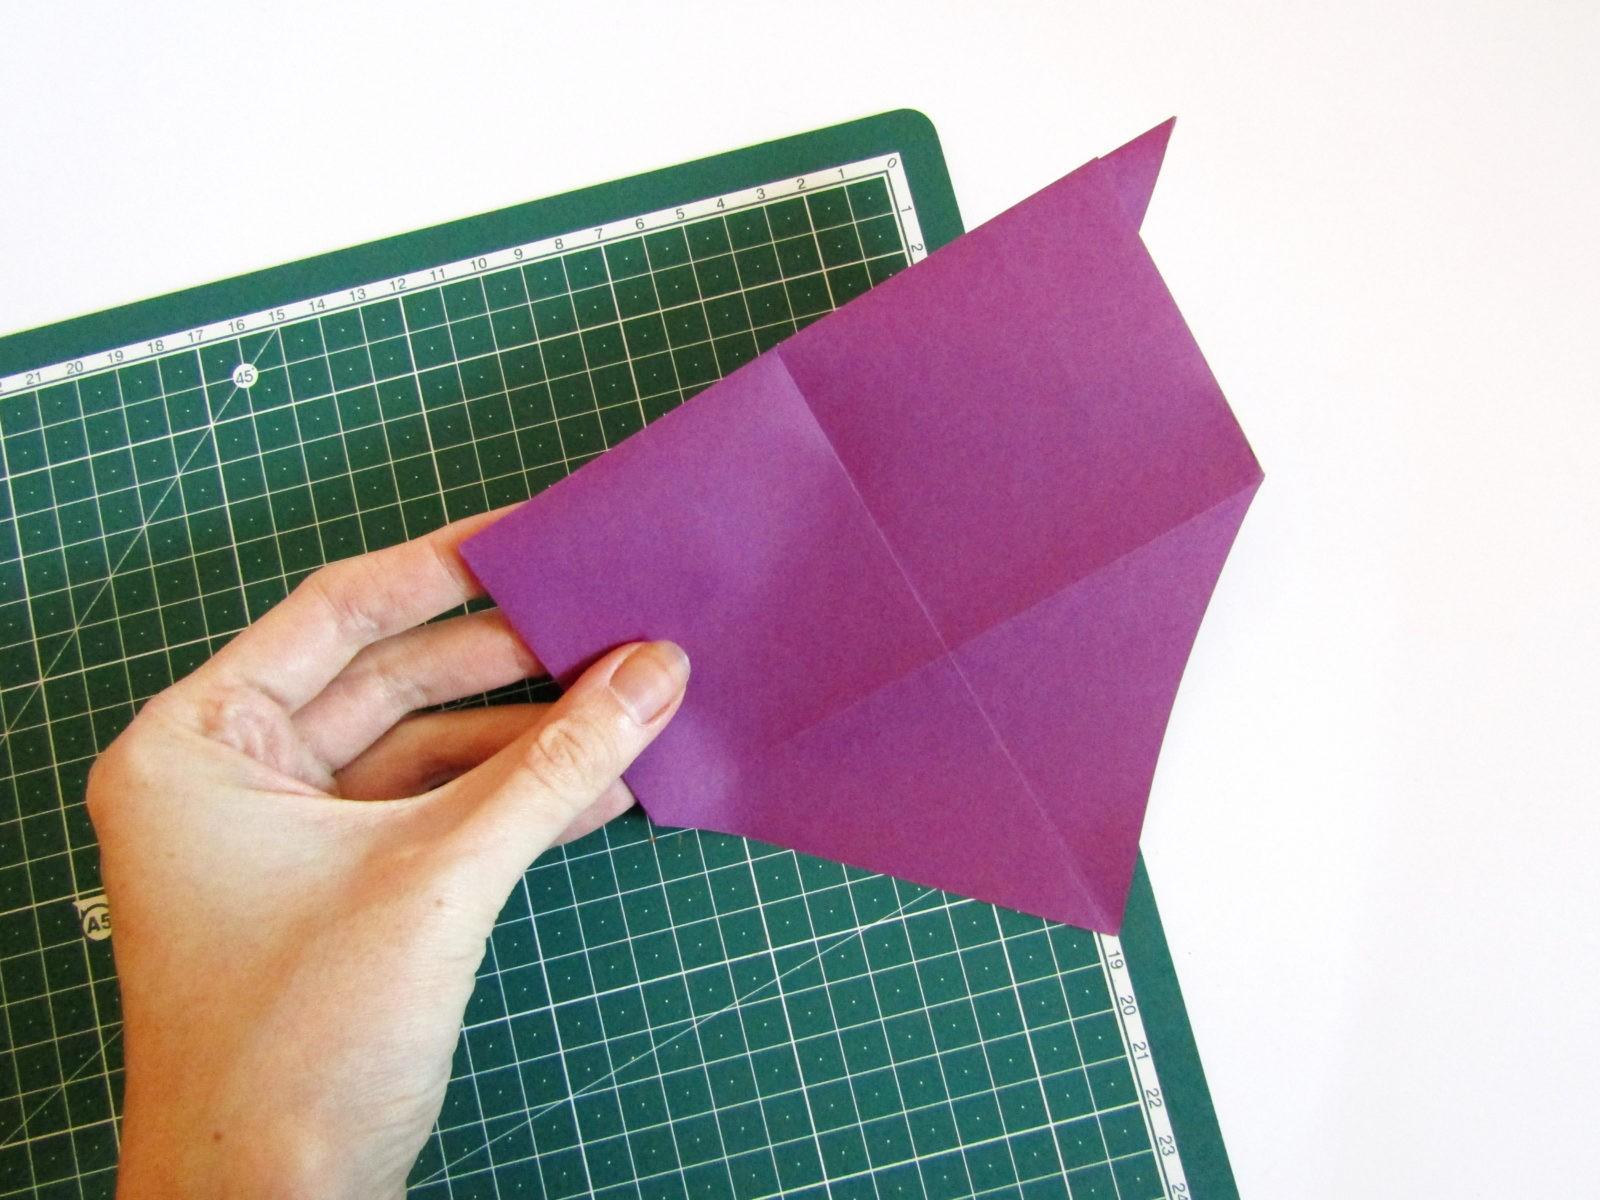 Очень легко и просто можно создать объемную поделку без использования клея. Конечно, даже ножницы могут и не понадобиться, если изначально у вас будет готовая заготовка в виде квадрата. Так получим собачку оригами благодаря ловкости рук! - 9